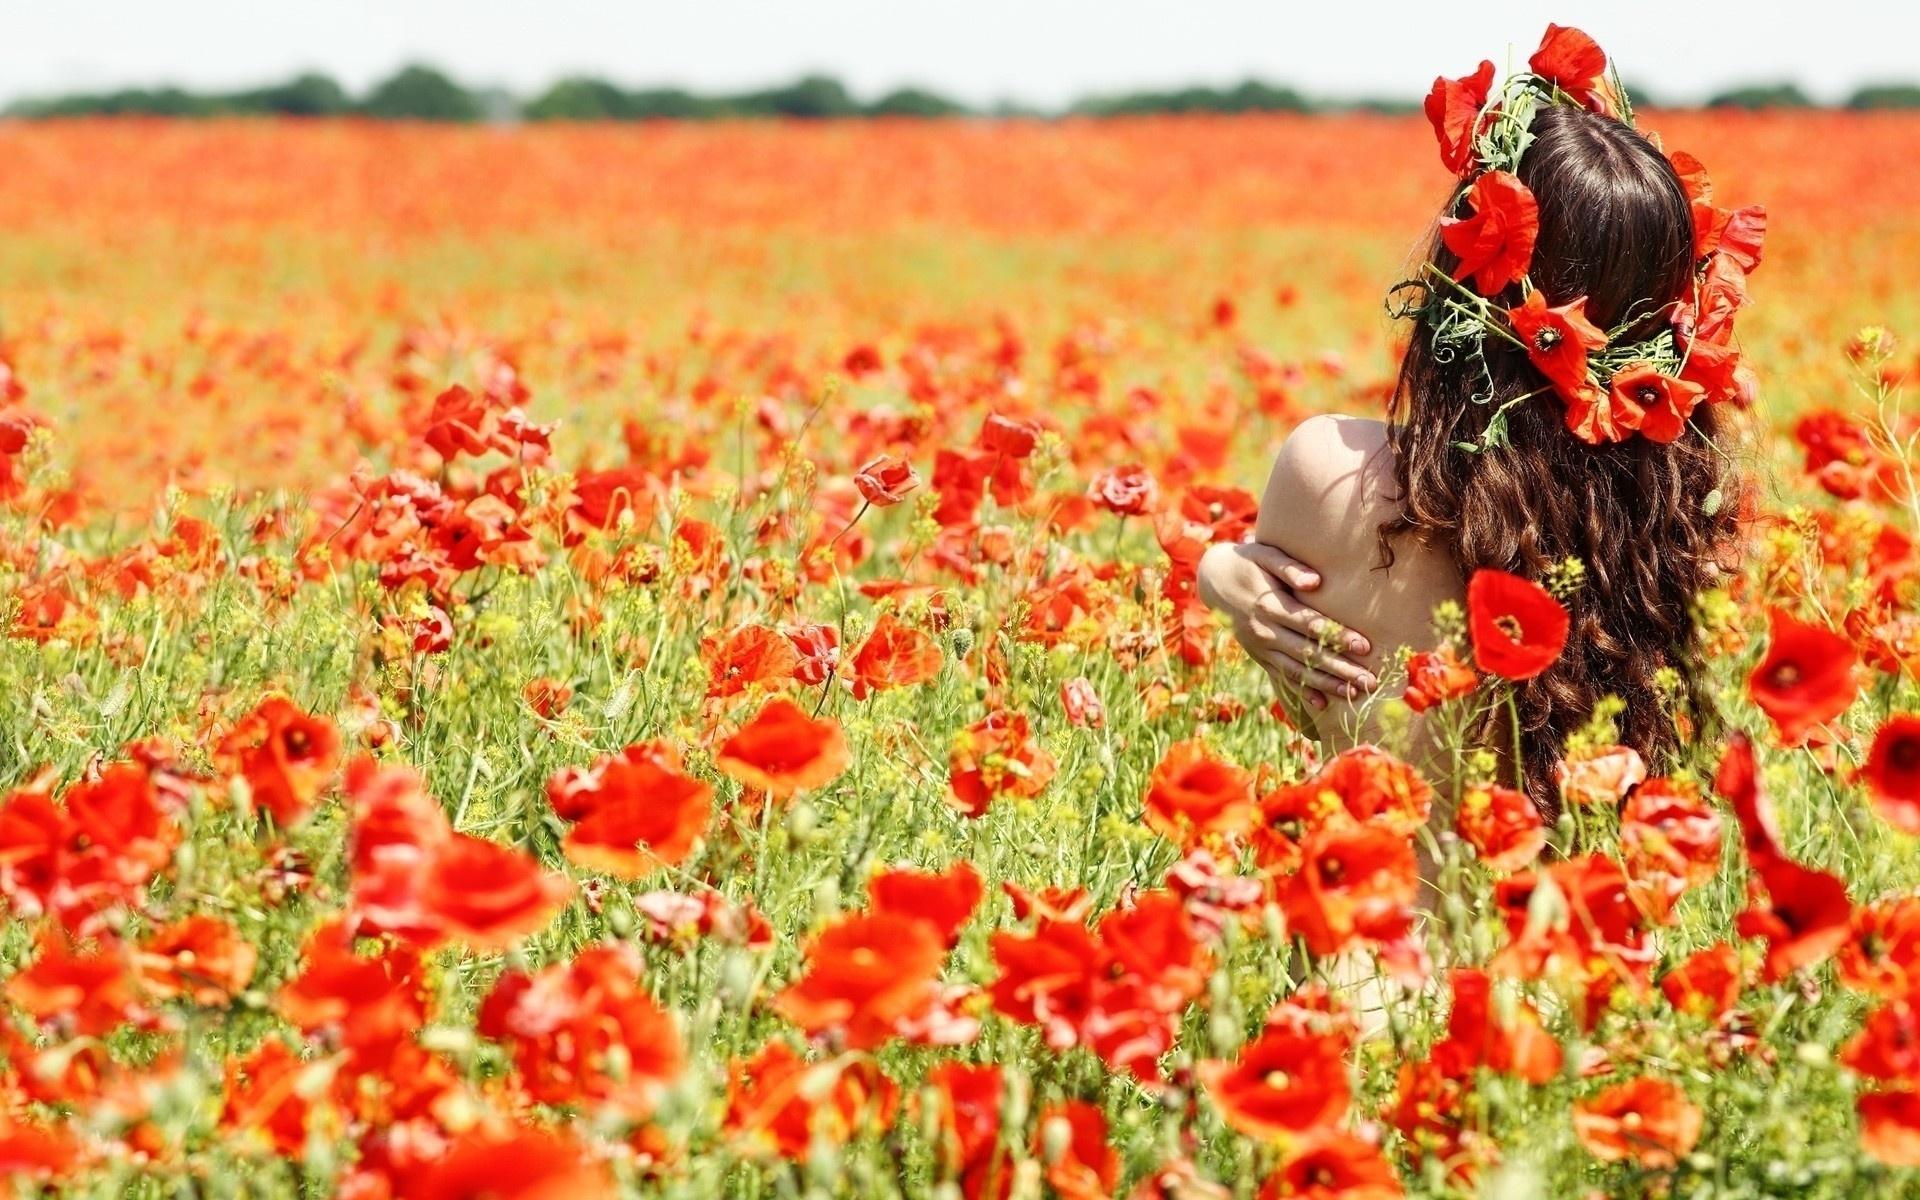 Hintergrundbilder Mädchen Feld Blumen Mohnblumen Kranz